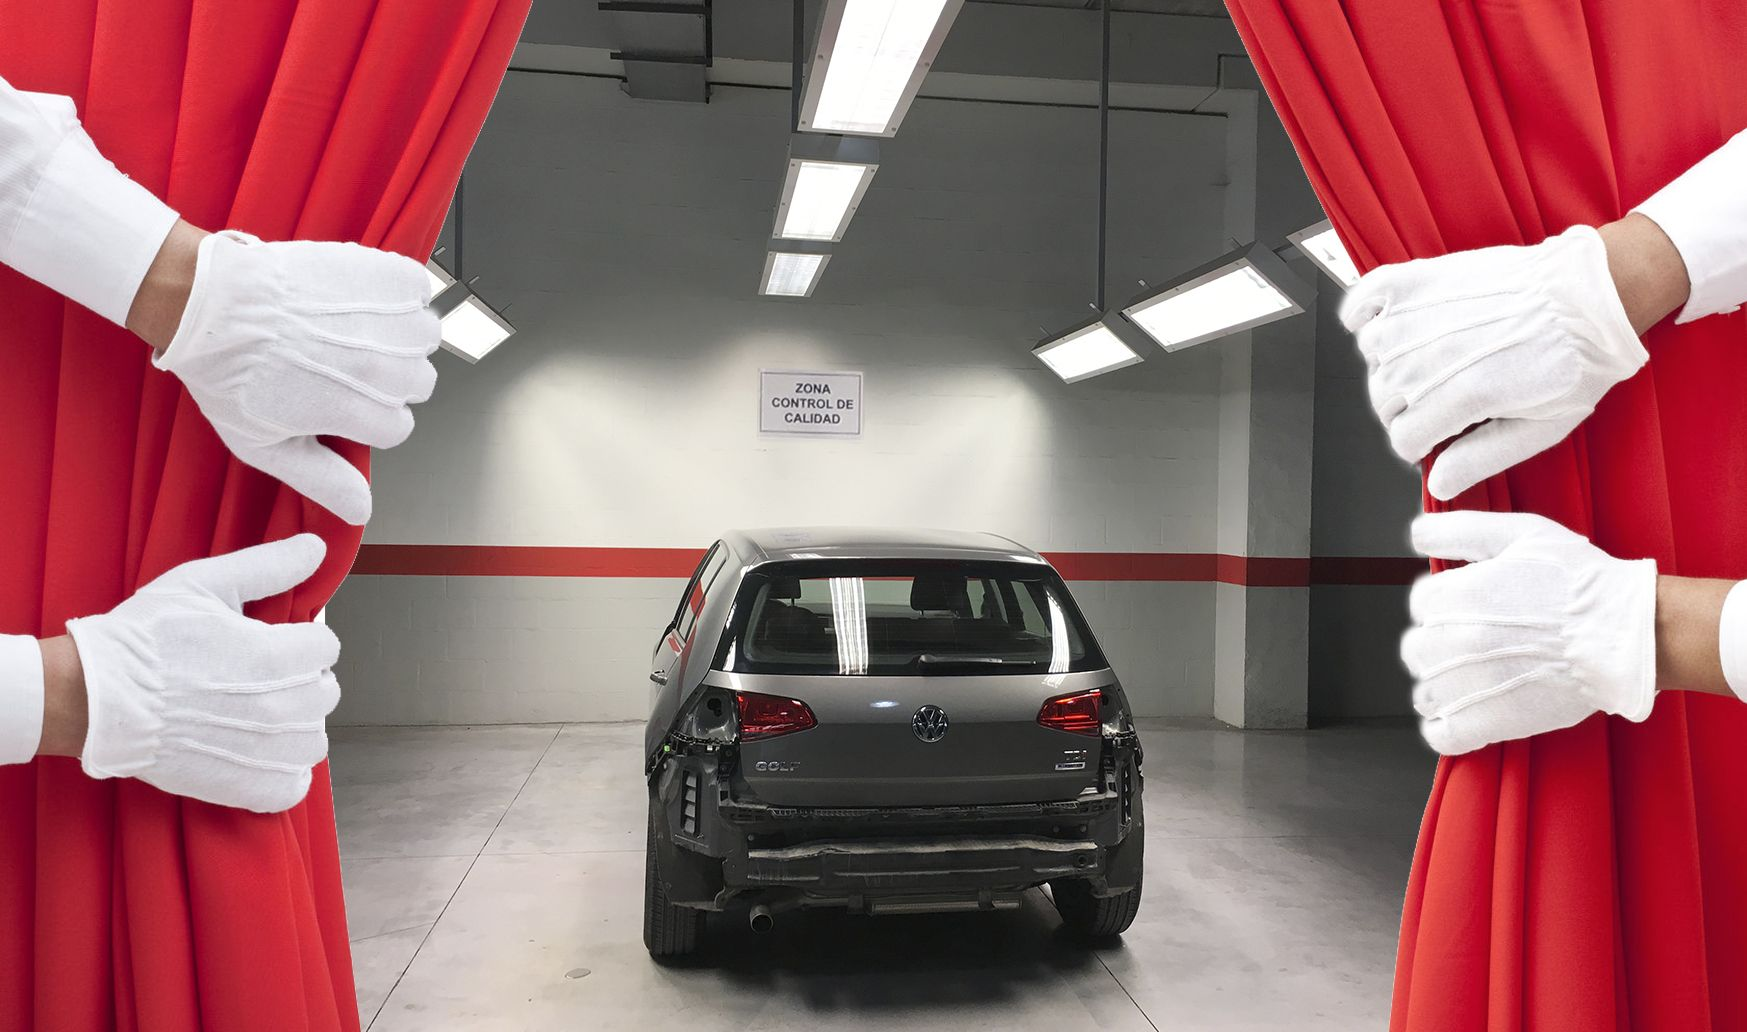 En Automóviles Sánchez sometemos nuestro trabajo de chapa y pintura a las pruebas más exigentes